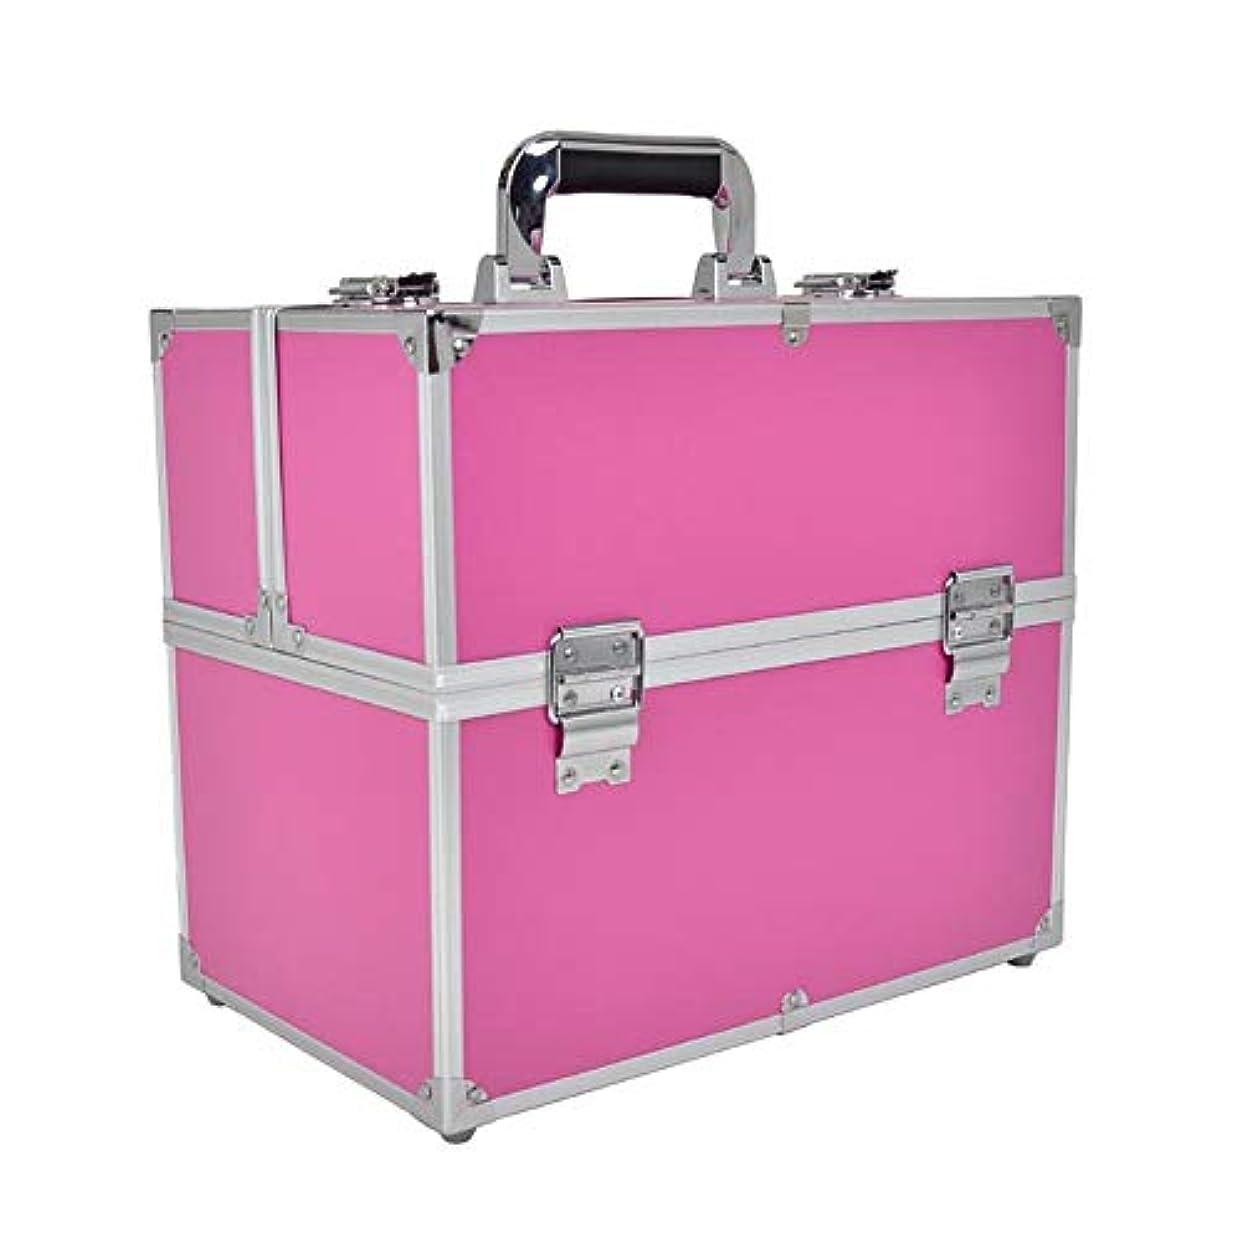 モード大通りファーザーファージュ化粧オーガナイザーバッグ 6トレイの小さなものの種類のための旅行のための美容メイクアップのための大容量大容量化粧品ケース 化粧品ケース